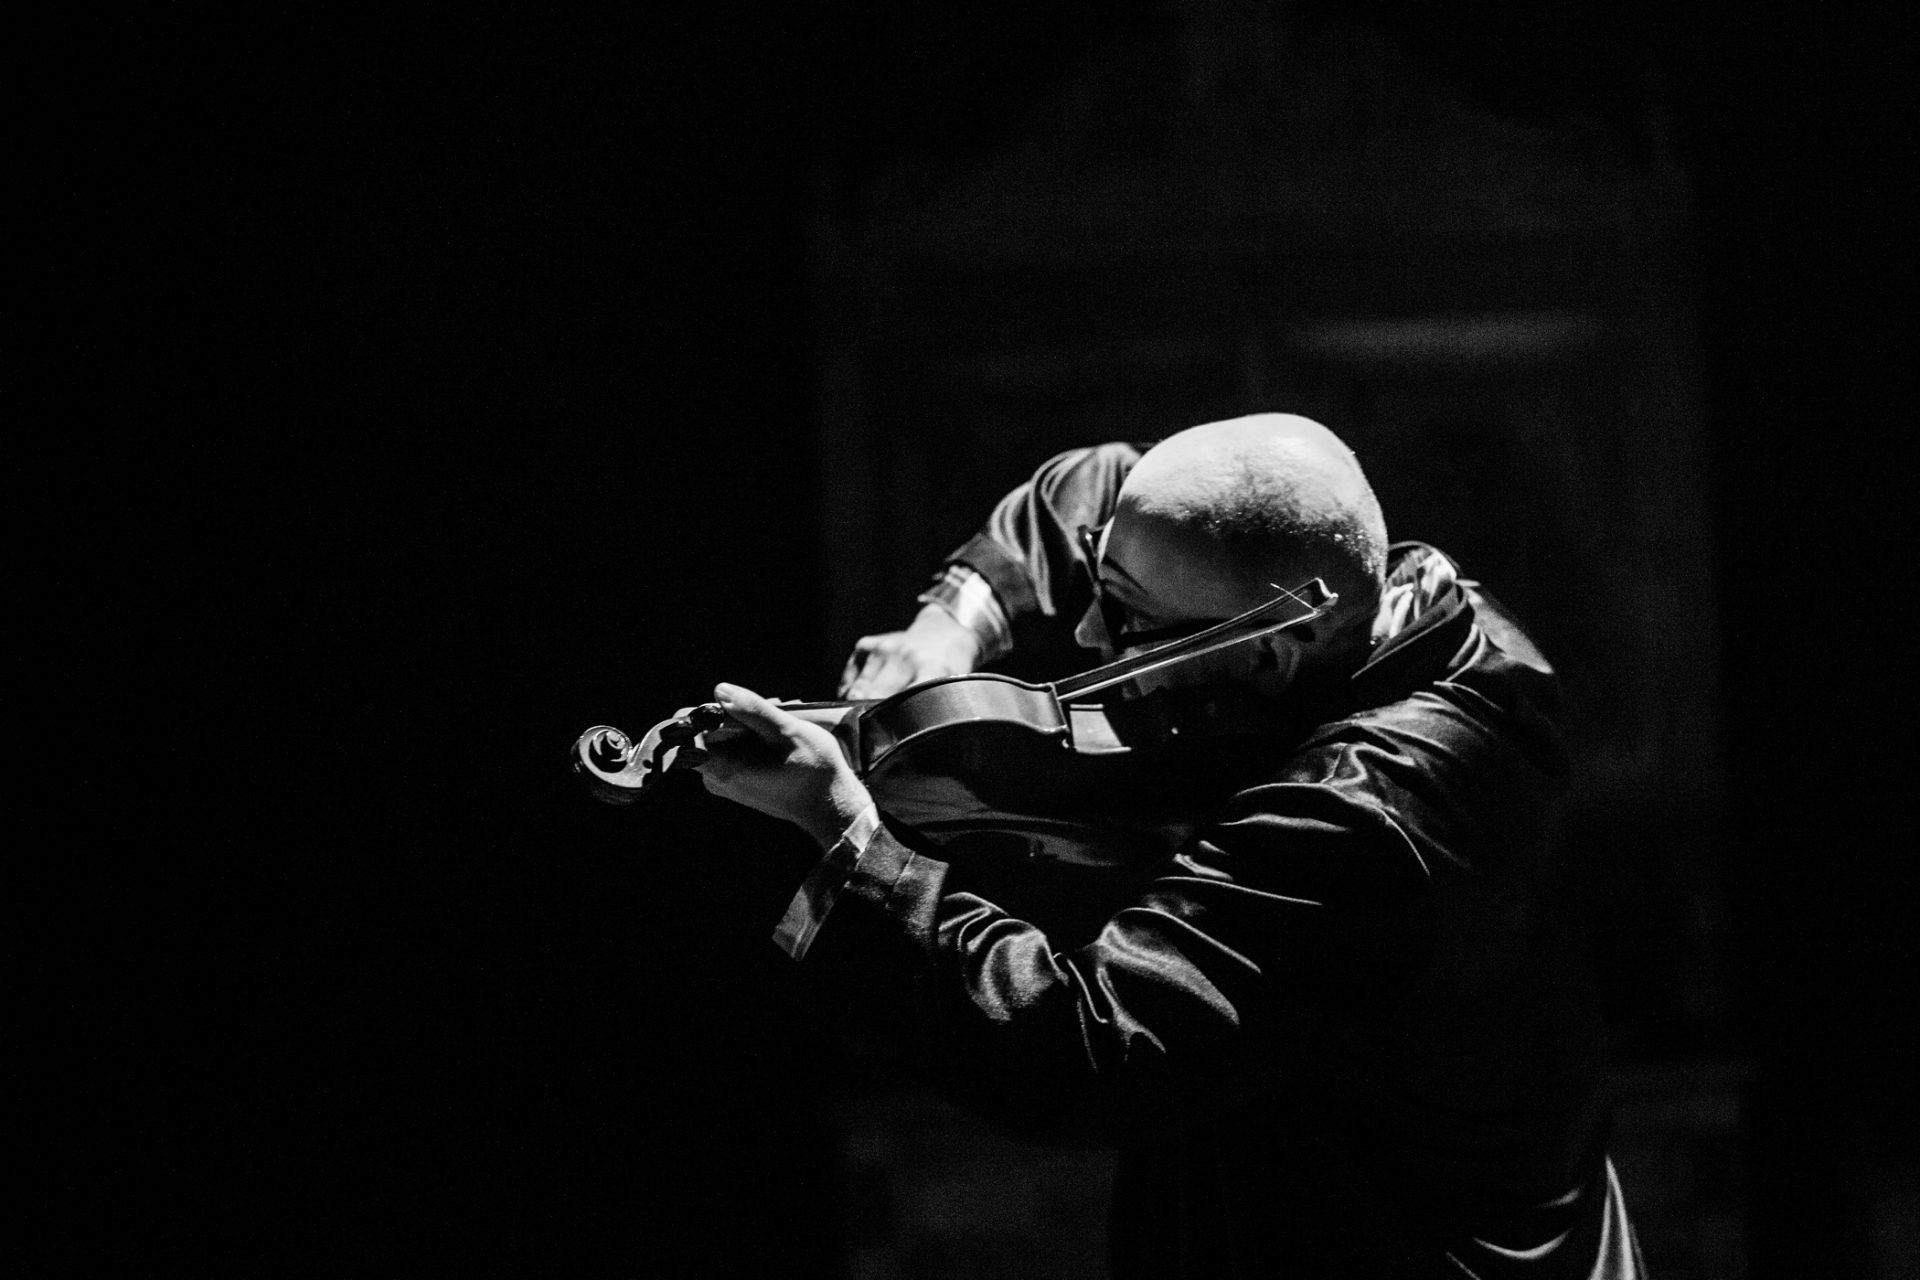 czarno białe zdjęcie ze spektaklu Rzeźnia. Na środku w ciemności widać postać mężczyzny grającego na skrzypcach.